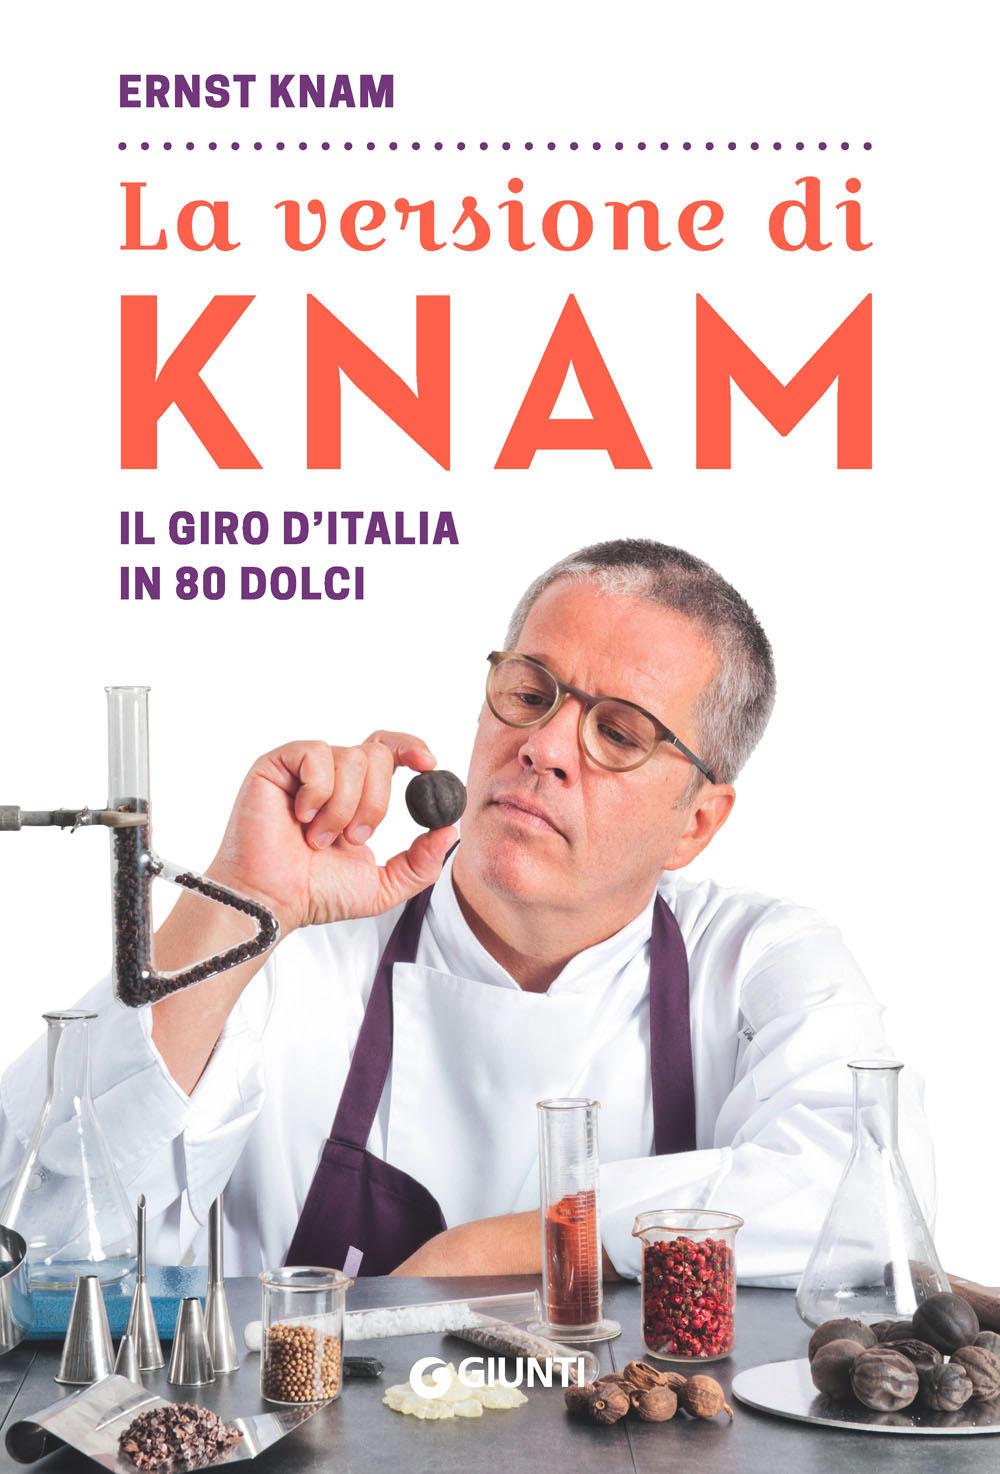 La versione di Knam: l'ultimo libro del noto pasticcere tedesco